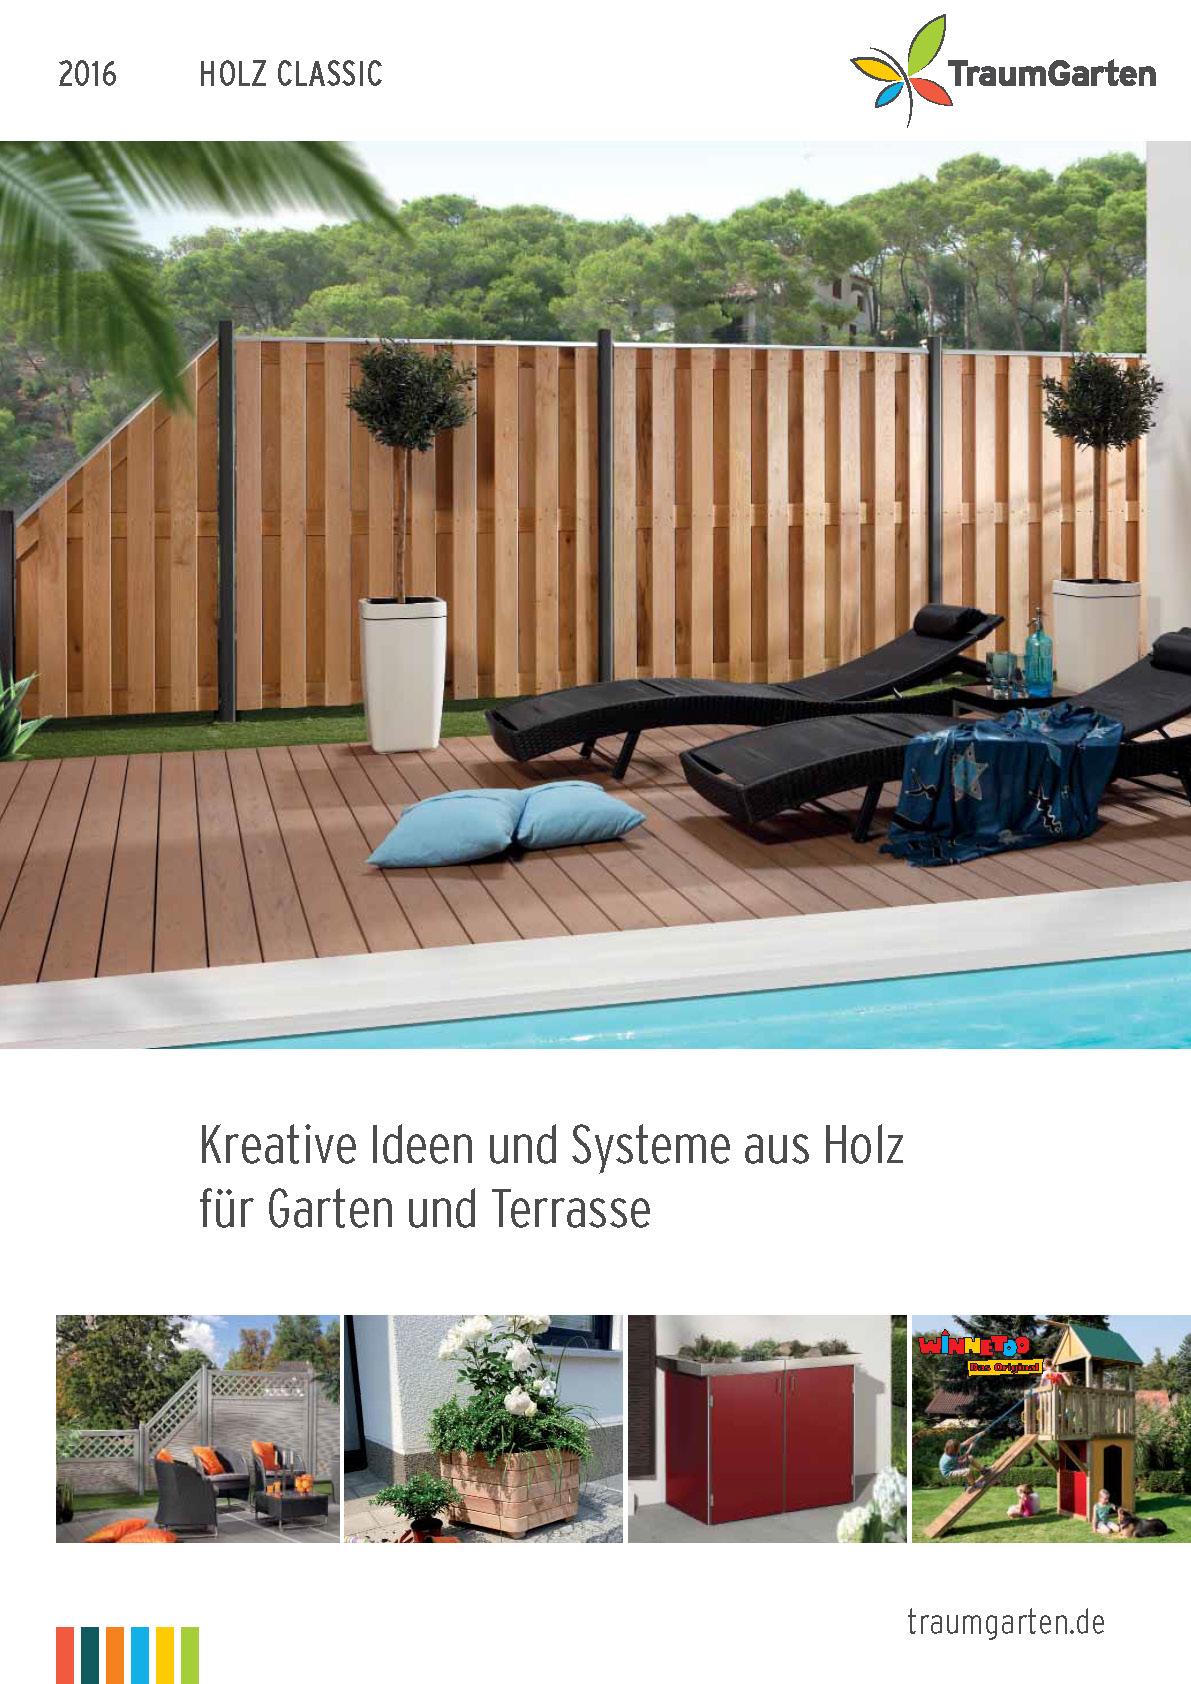 terrassendielen sichtschutz z une lippstadt paderborn geseke b ren soest sauerland. Black Bedroom Furniture Sets. Home Design Ideas